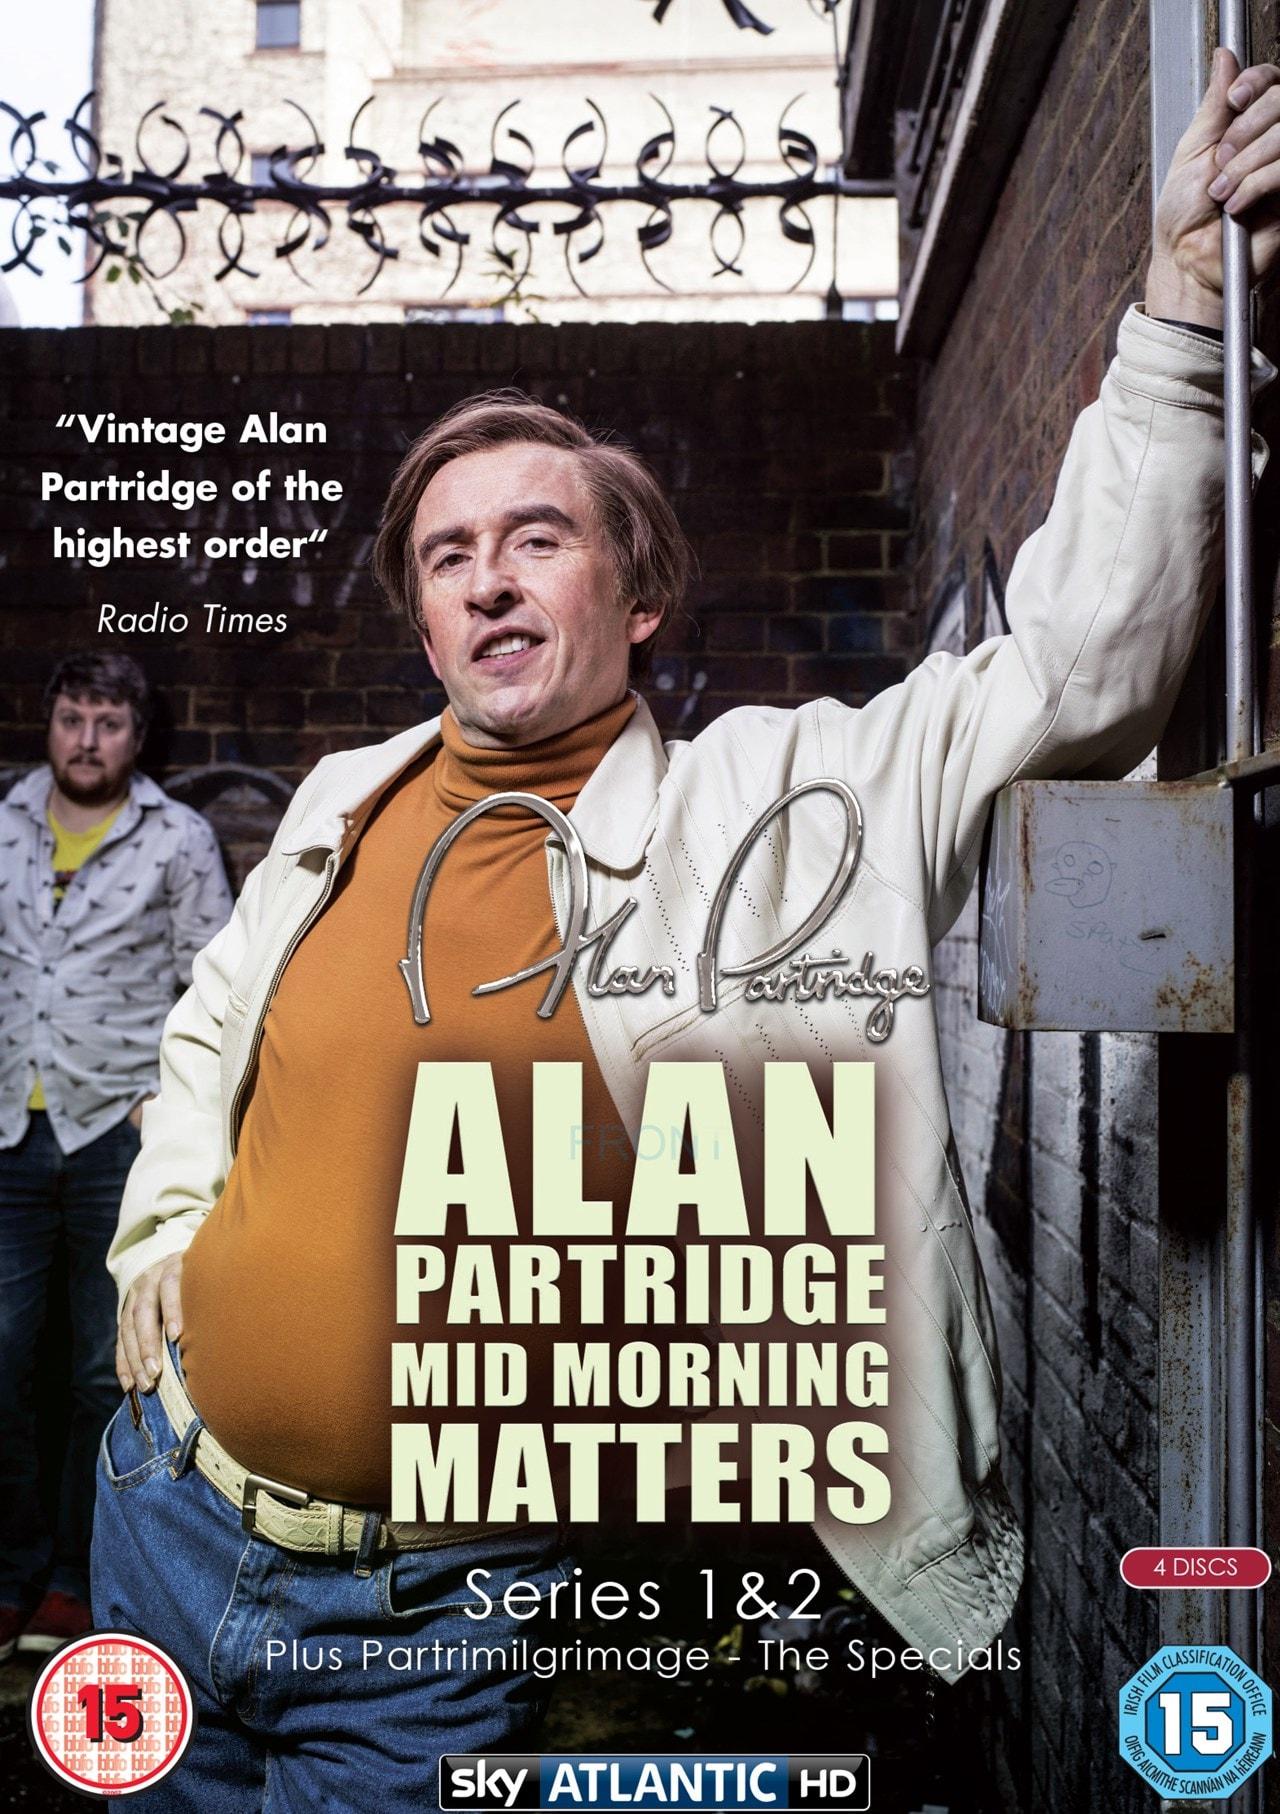 Alan Partridge: Mid Morning Matters - Series 1-2 - 1